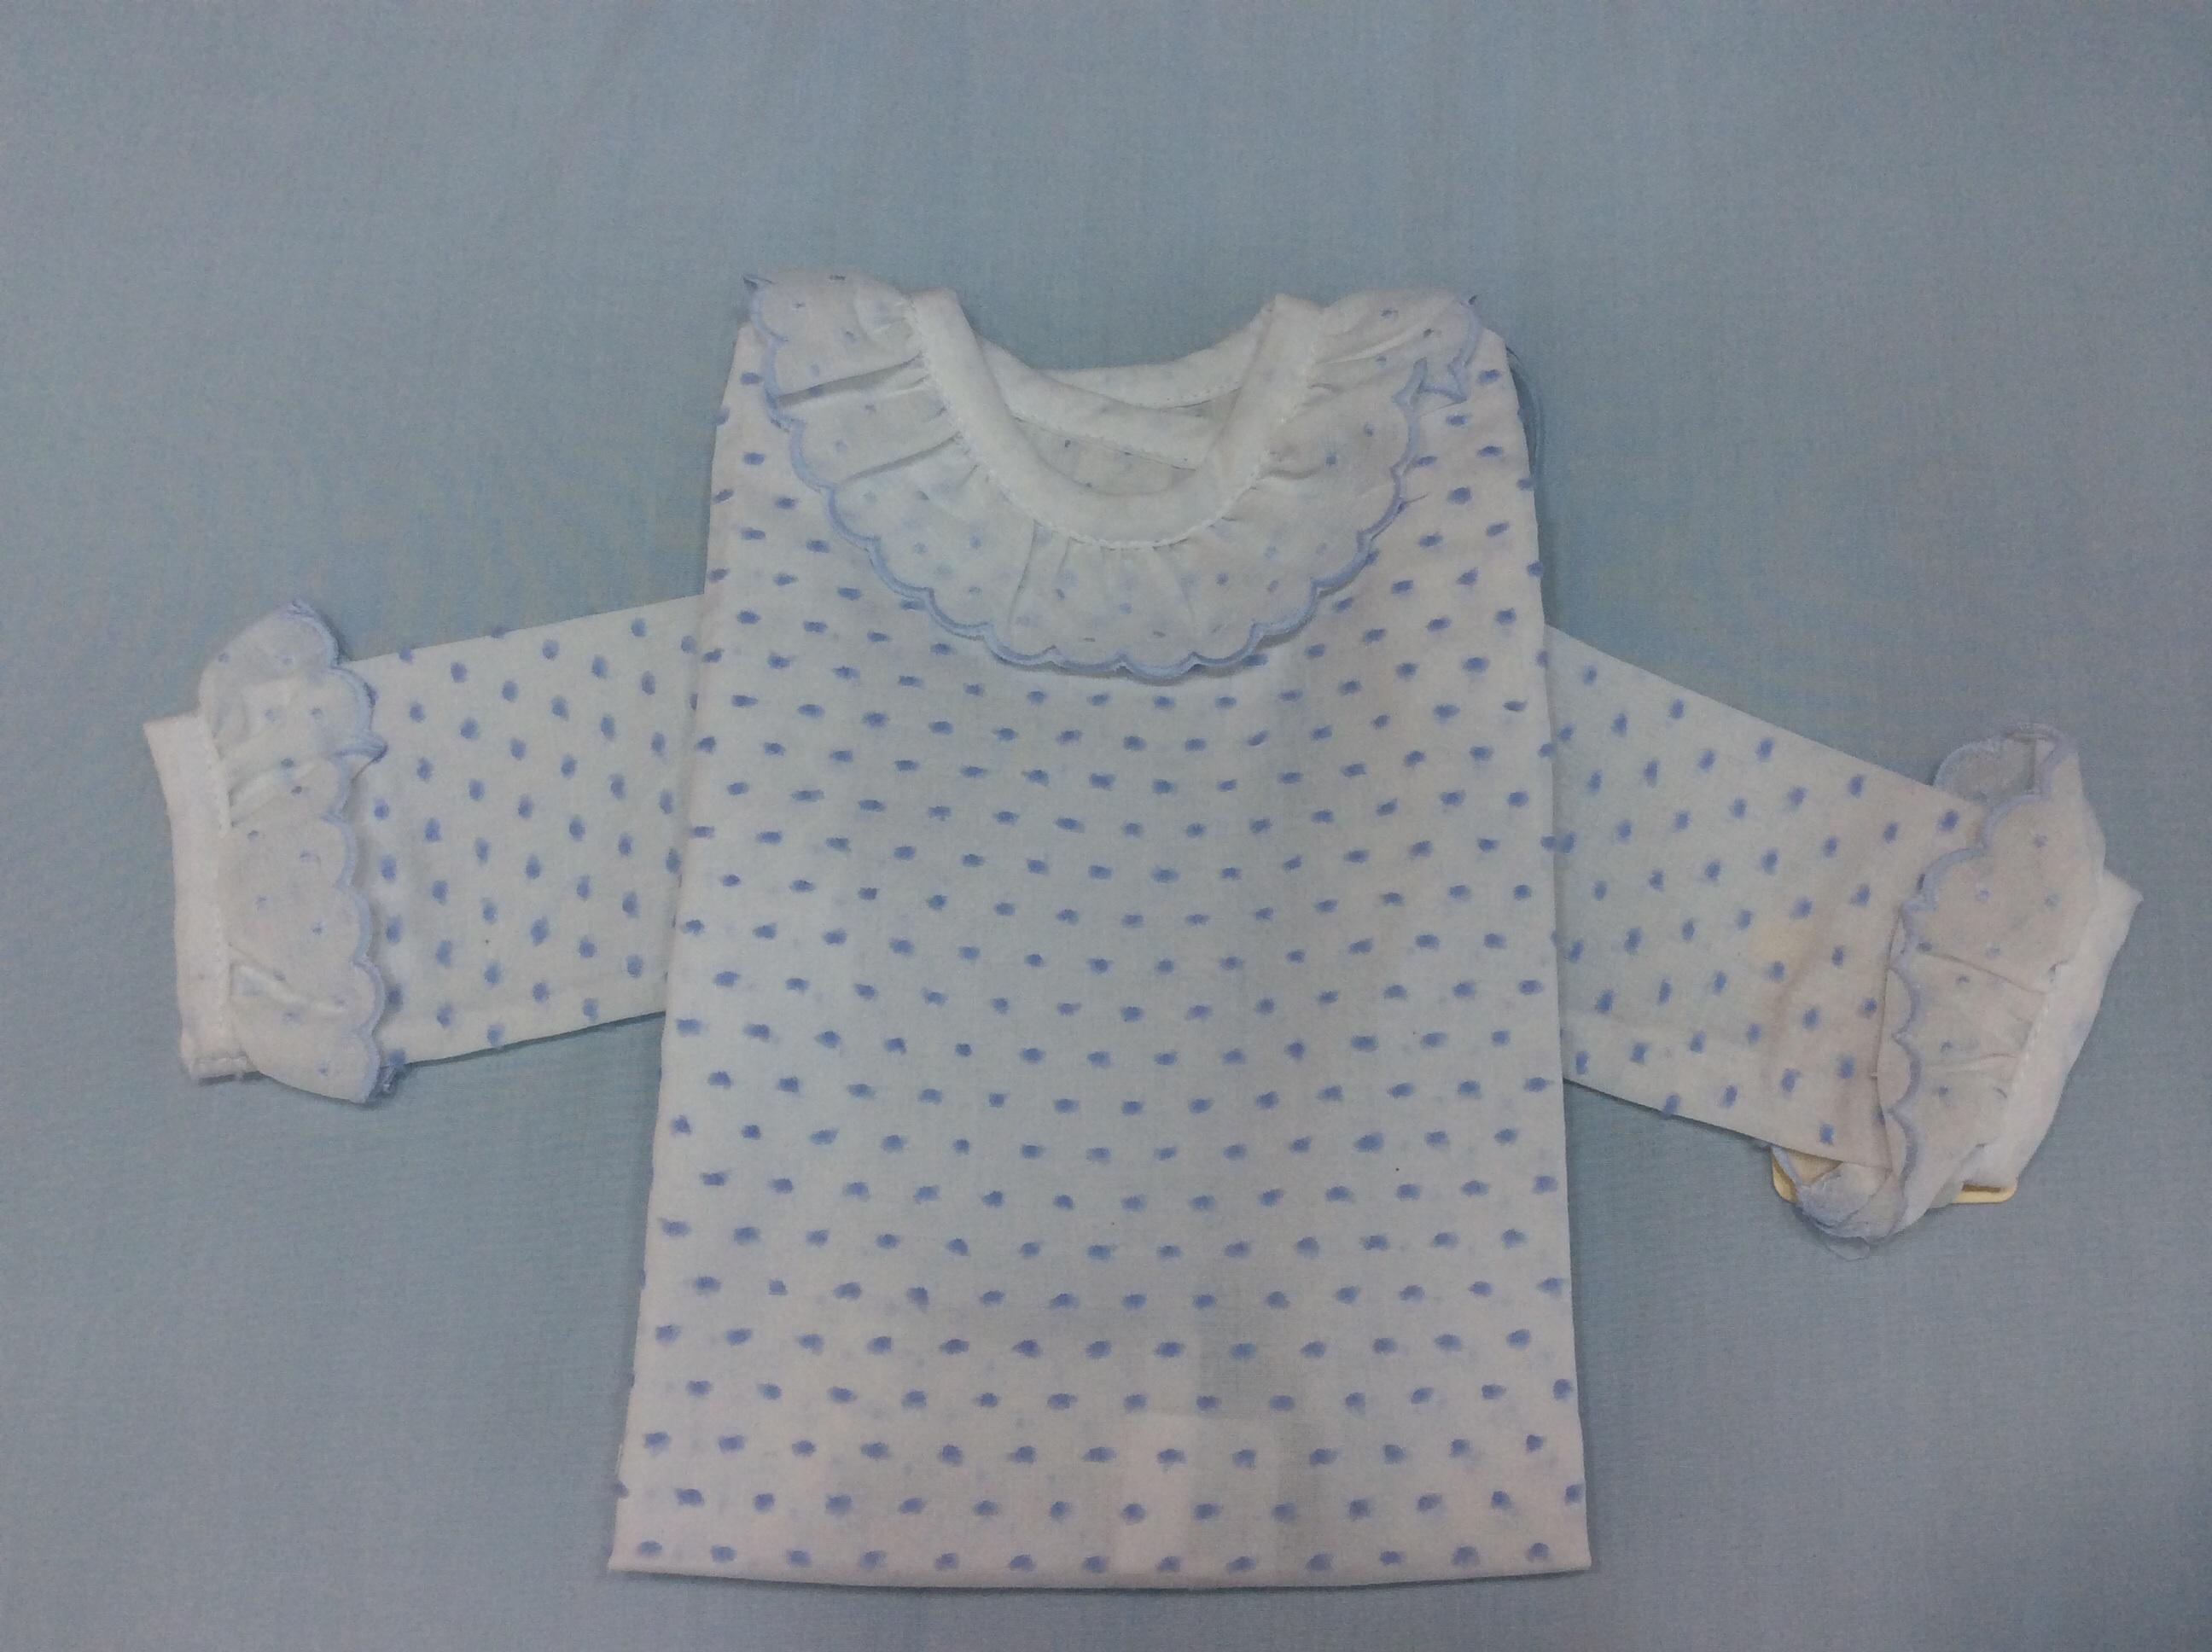 20adca045 Camisa batista plumeti celeste. Inicio · Tienda · Primera Puesta · Camisas  Camisa  batista plumeti celeste